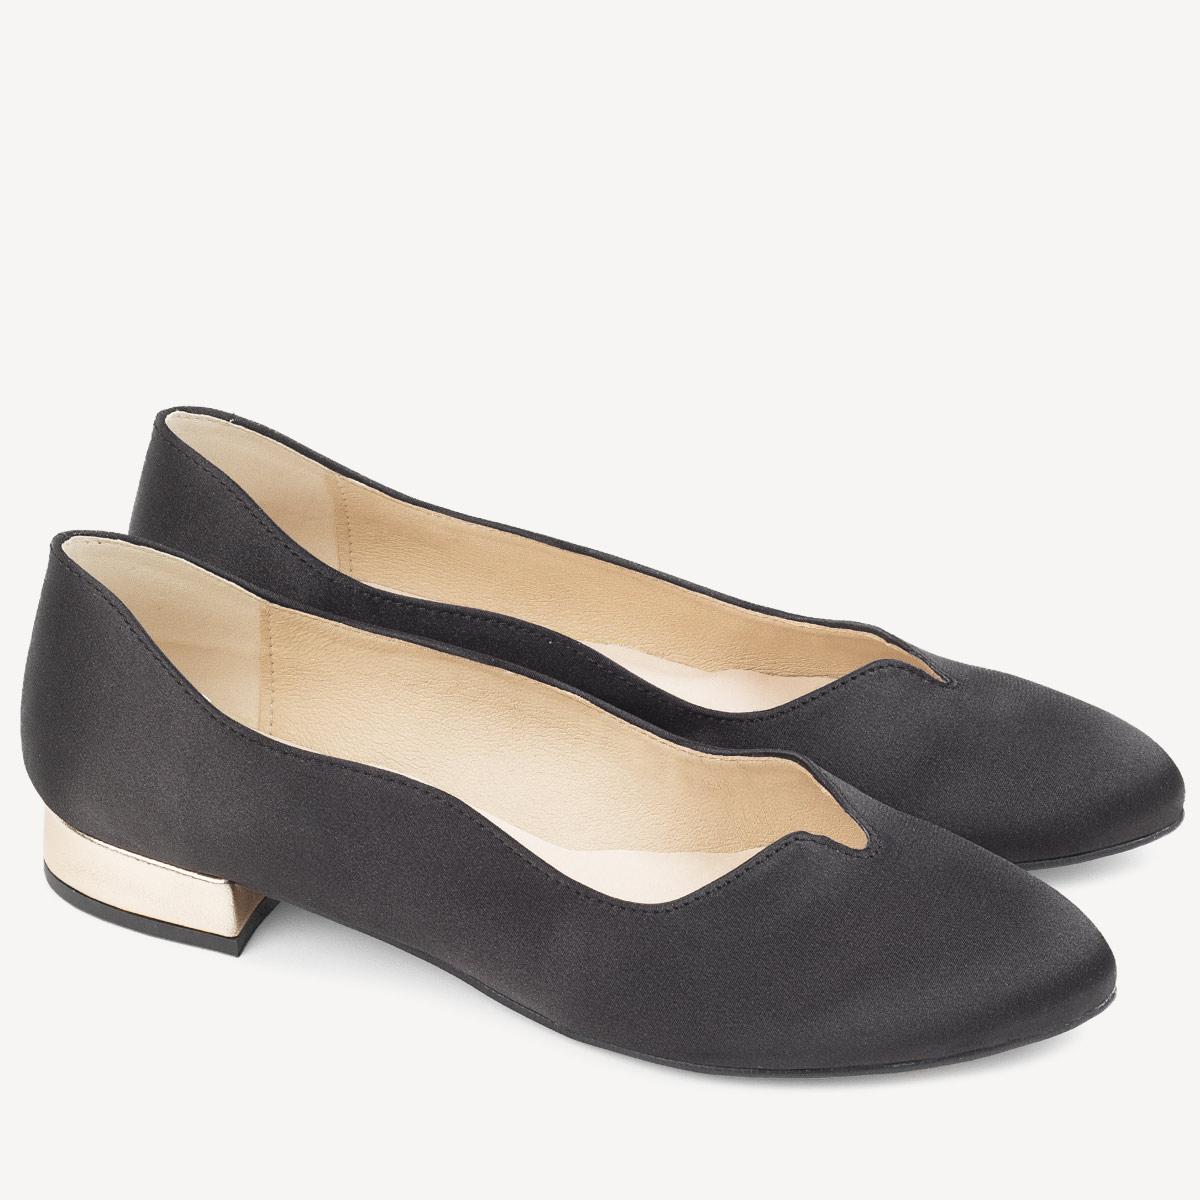 Czarne sandały lakierowane na niskim obcasie Rozmiar 37